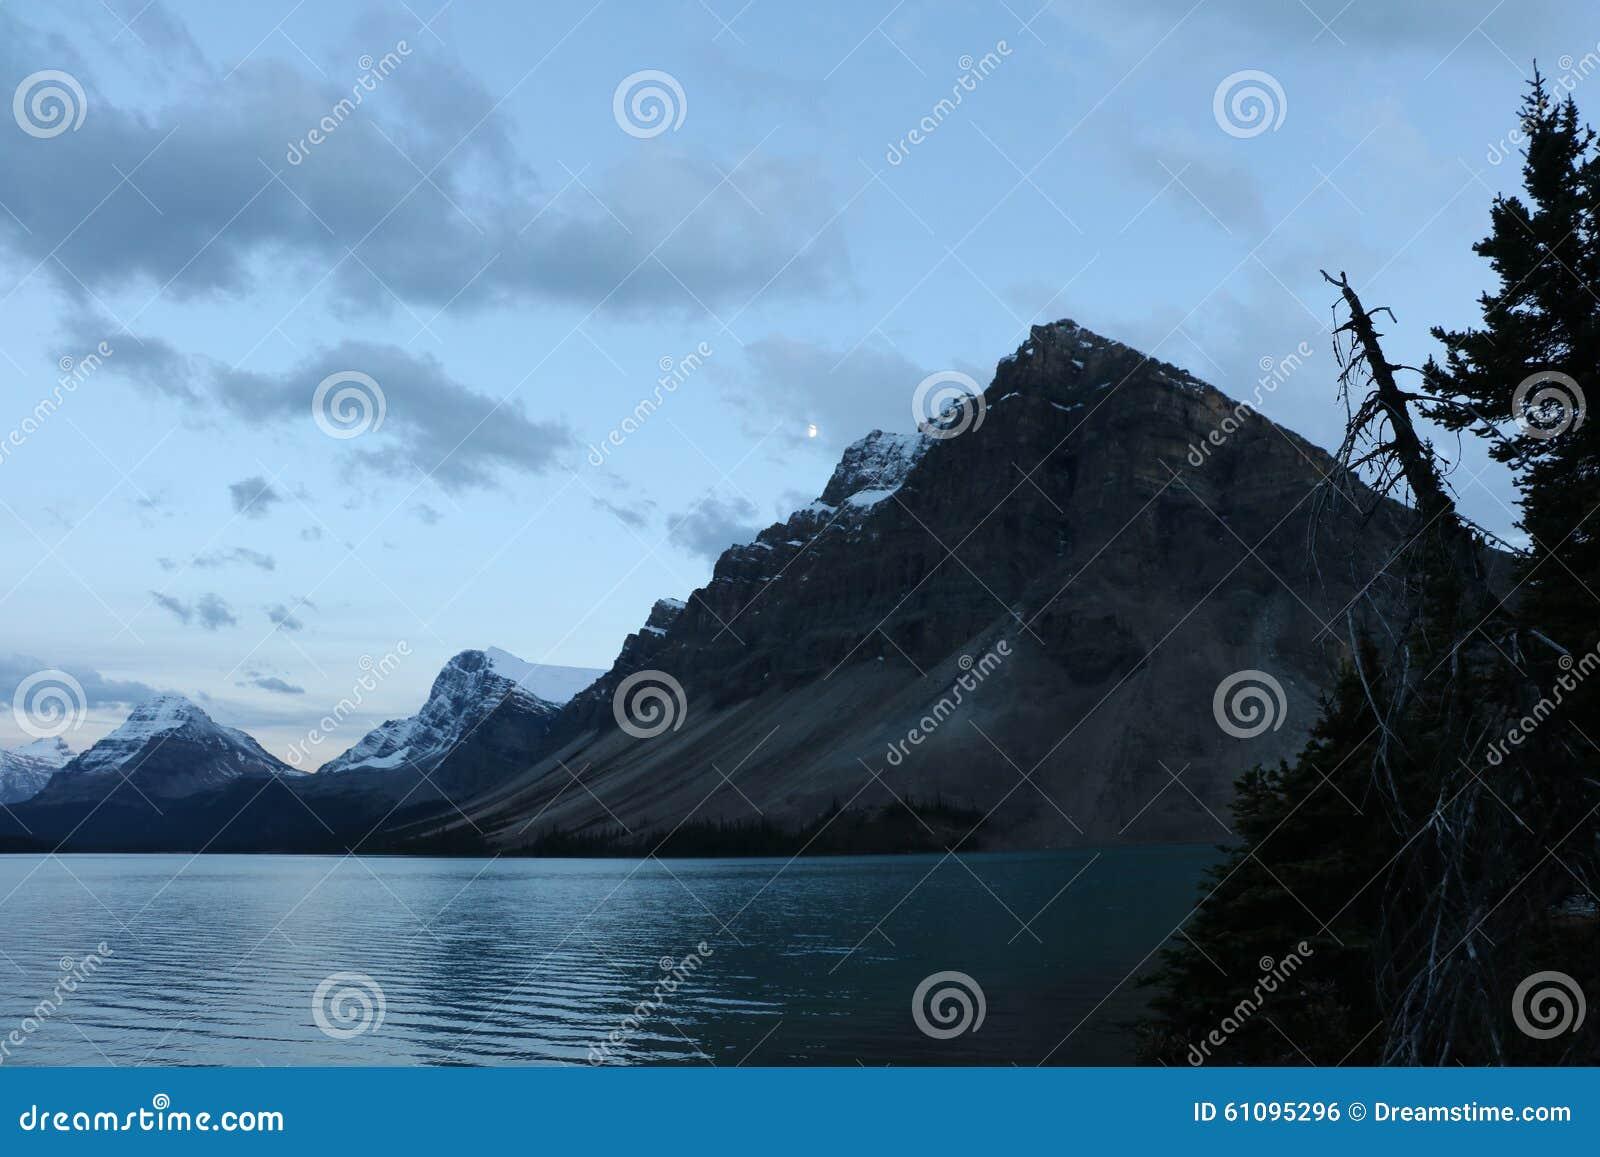 Lua do lago bow